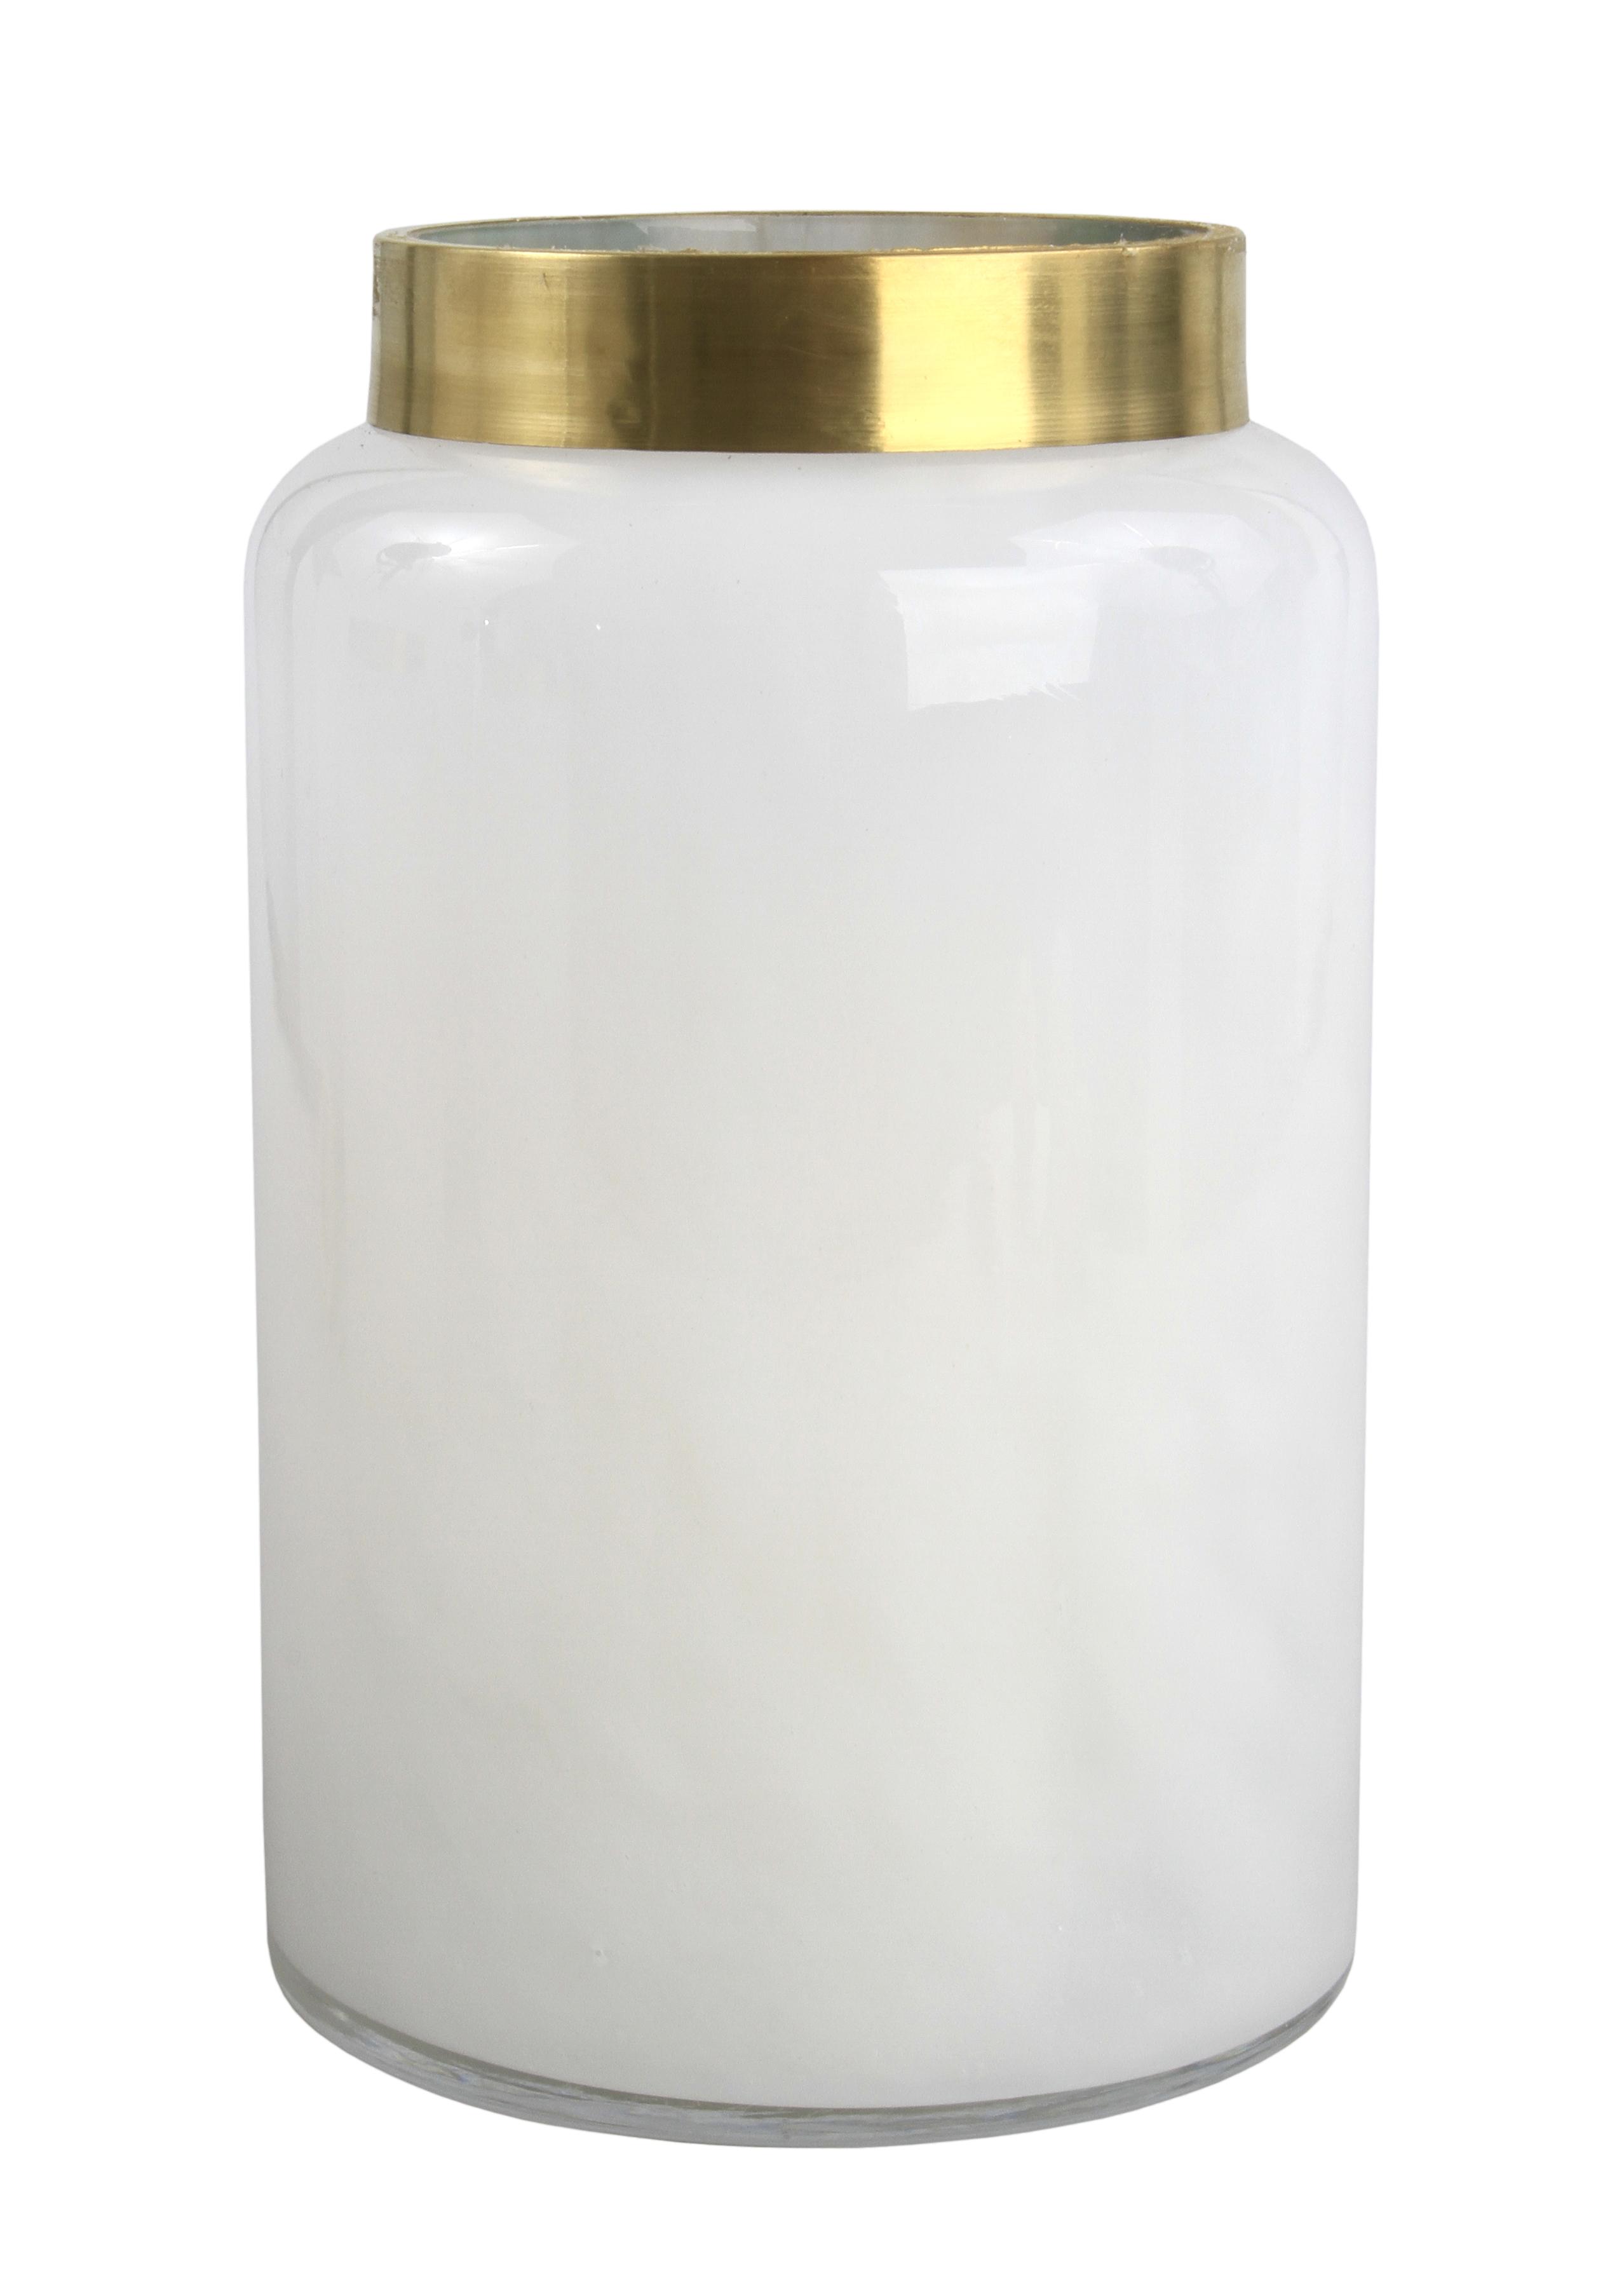 Skleněná dekorace v mléčné bílé barvě